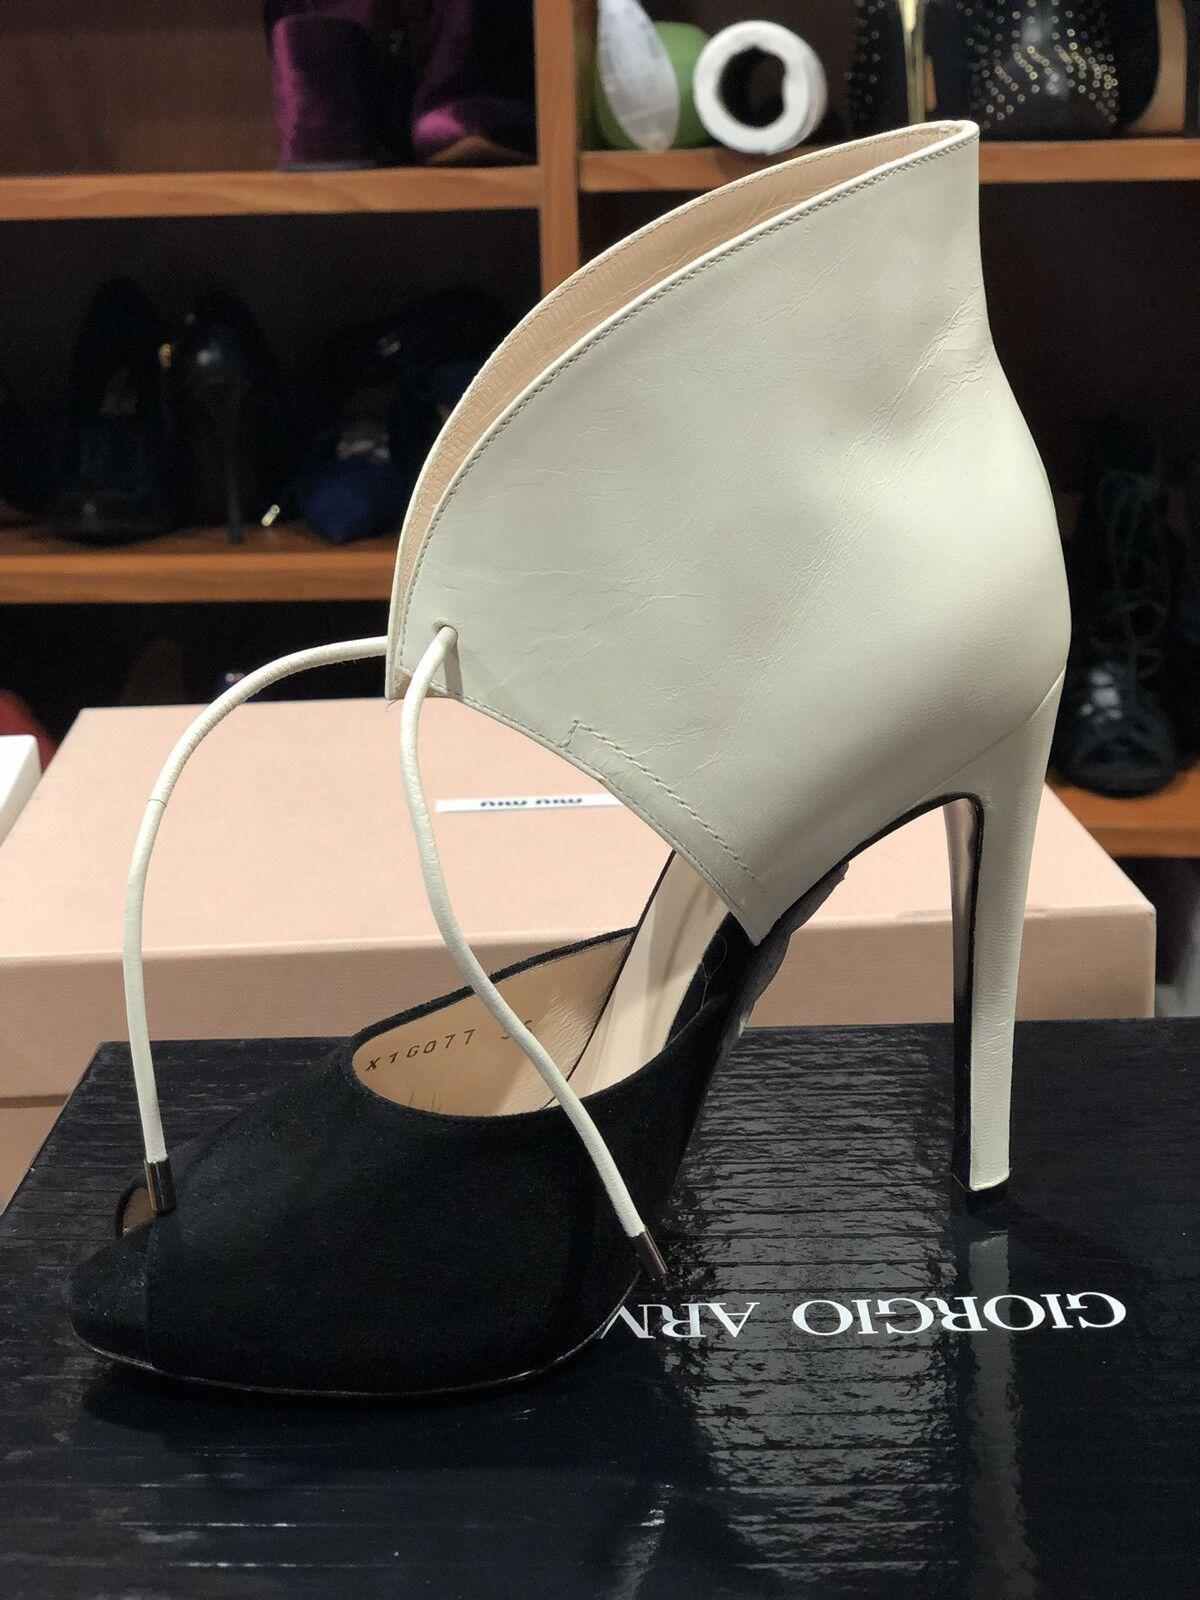 Giorgio Armani Brand Bew in Box  scarpe Dimensione 36  6 Leather Suede  nuovo di marca